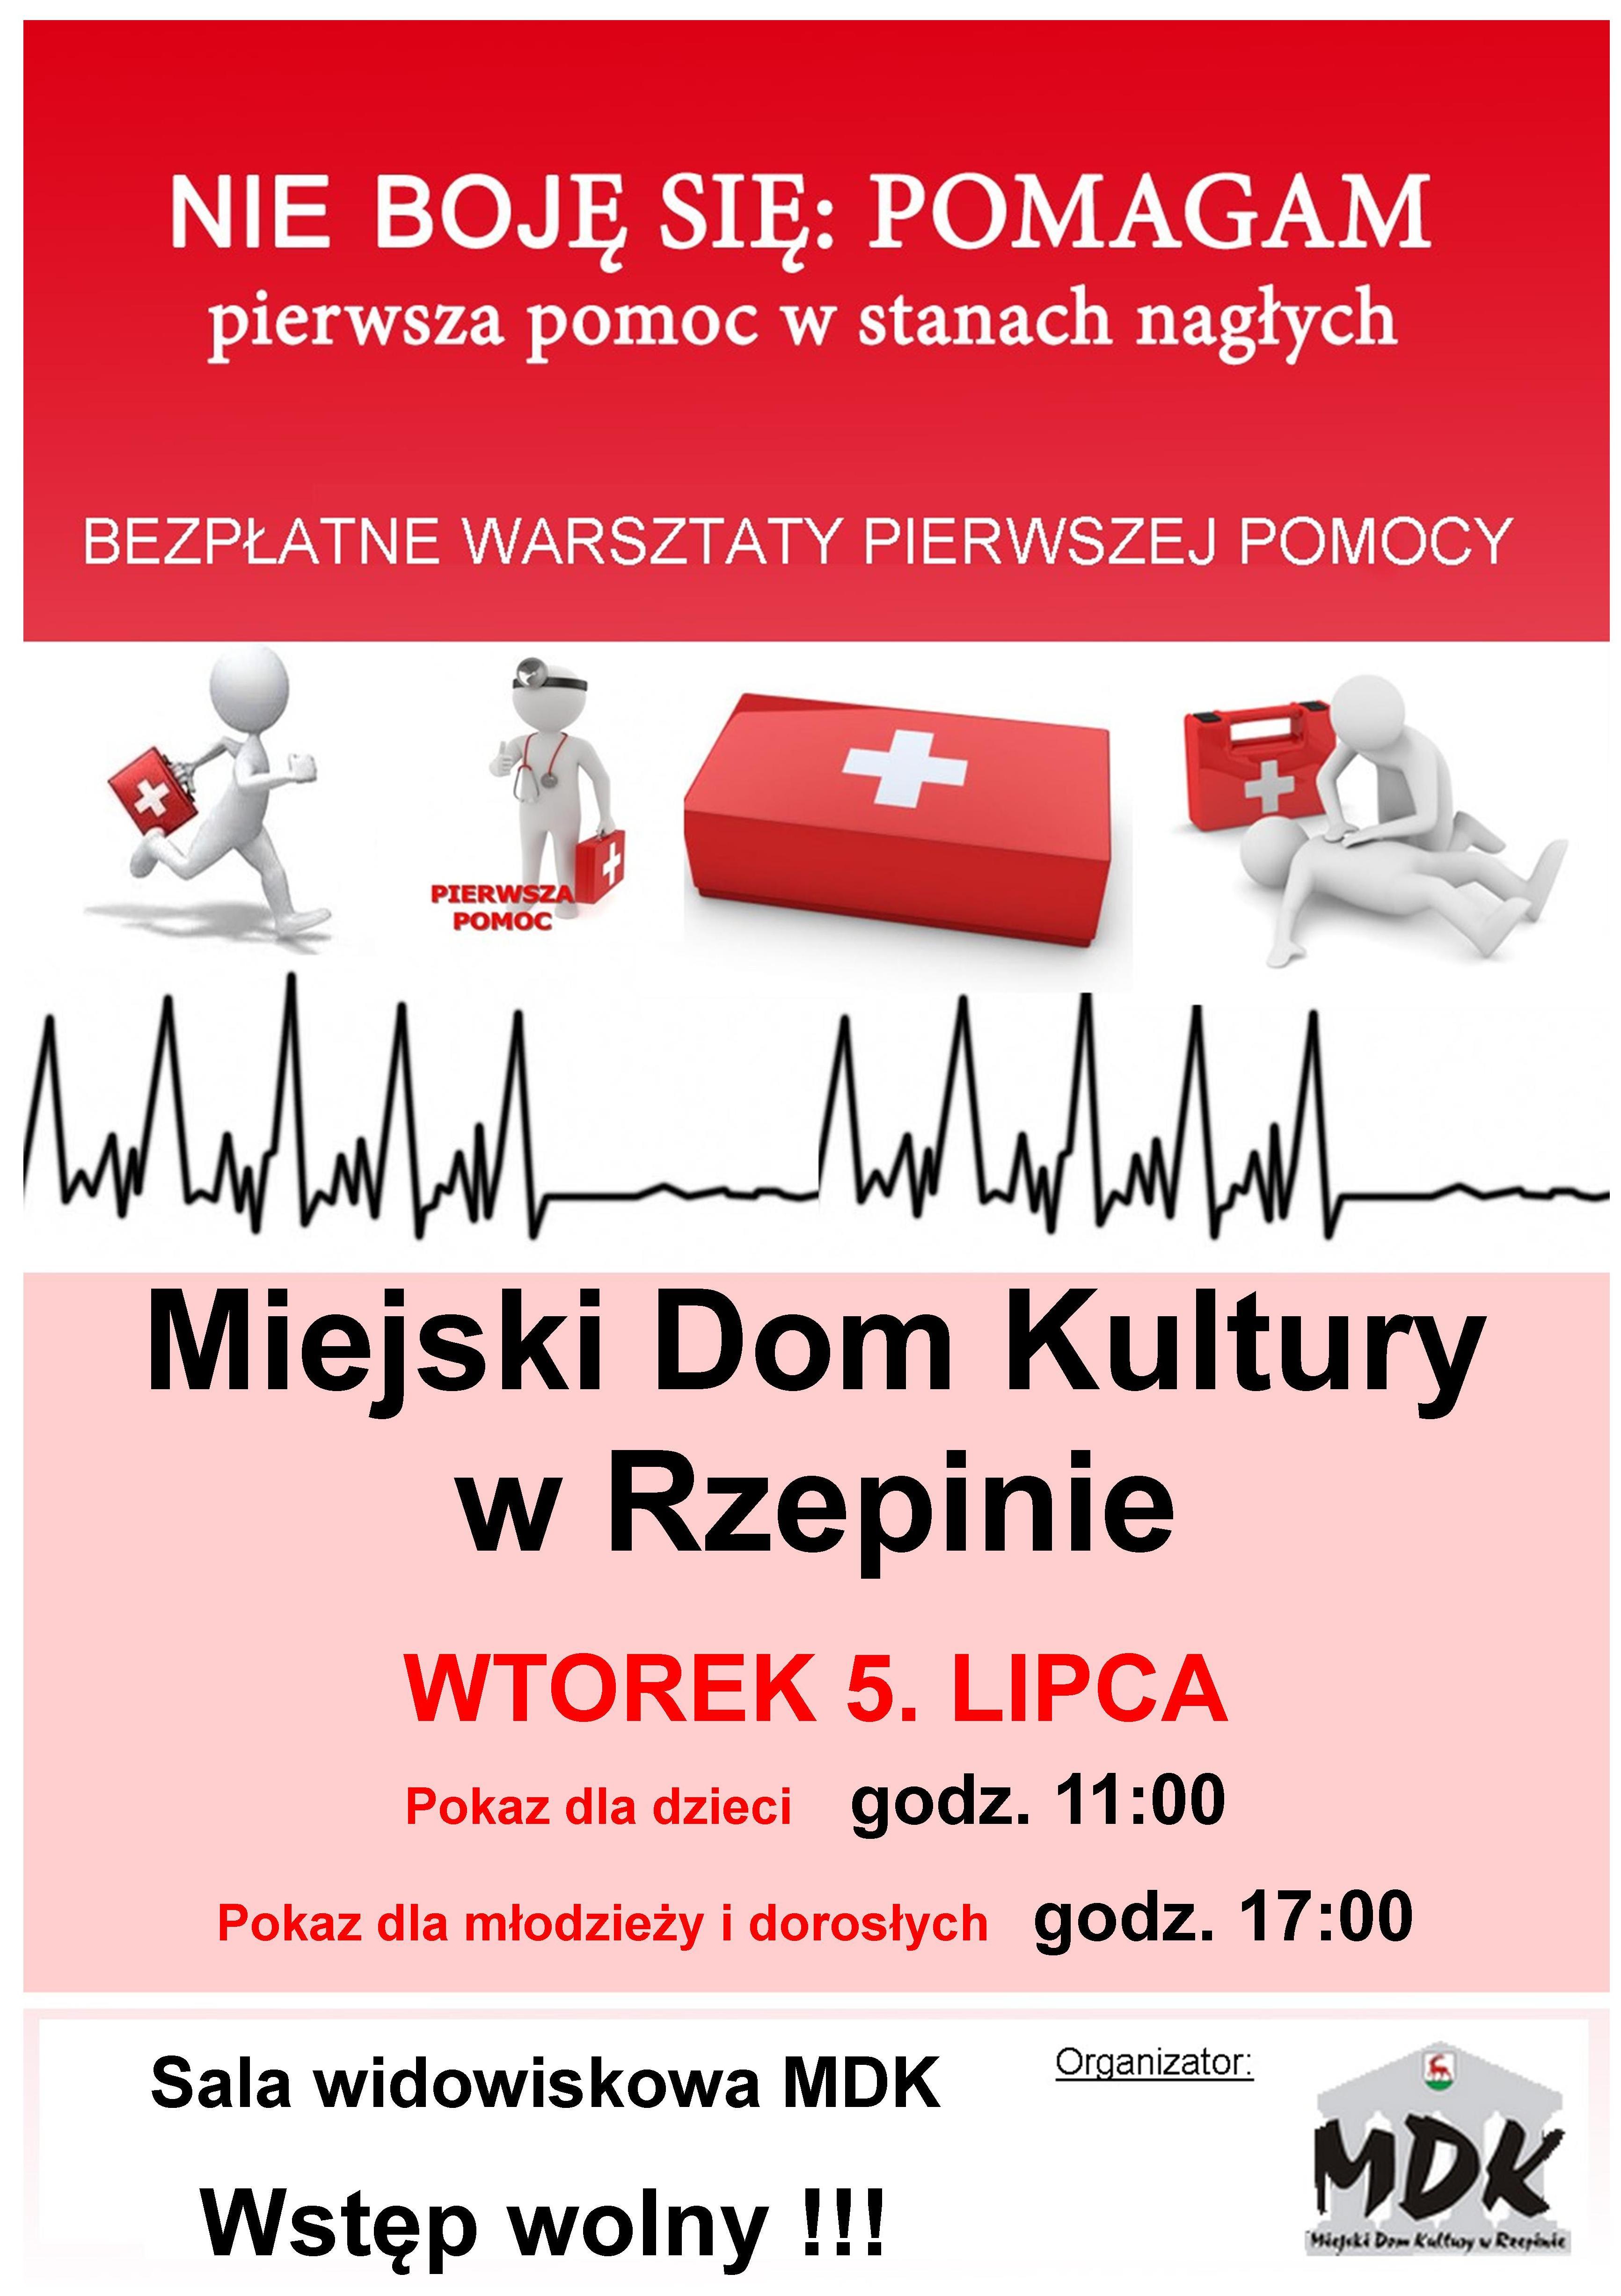 Ilustracja do informacji: Bezpłatne warsztaty pierwszej pomocy w Miejskim Domu Kultury w Rzepinie.